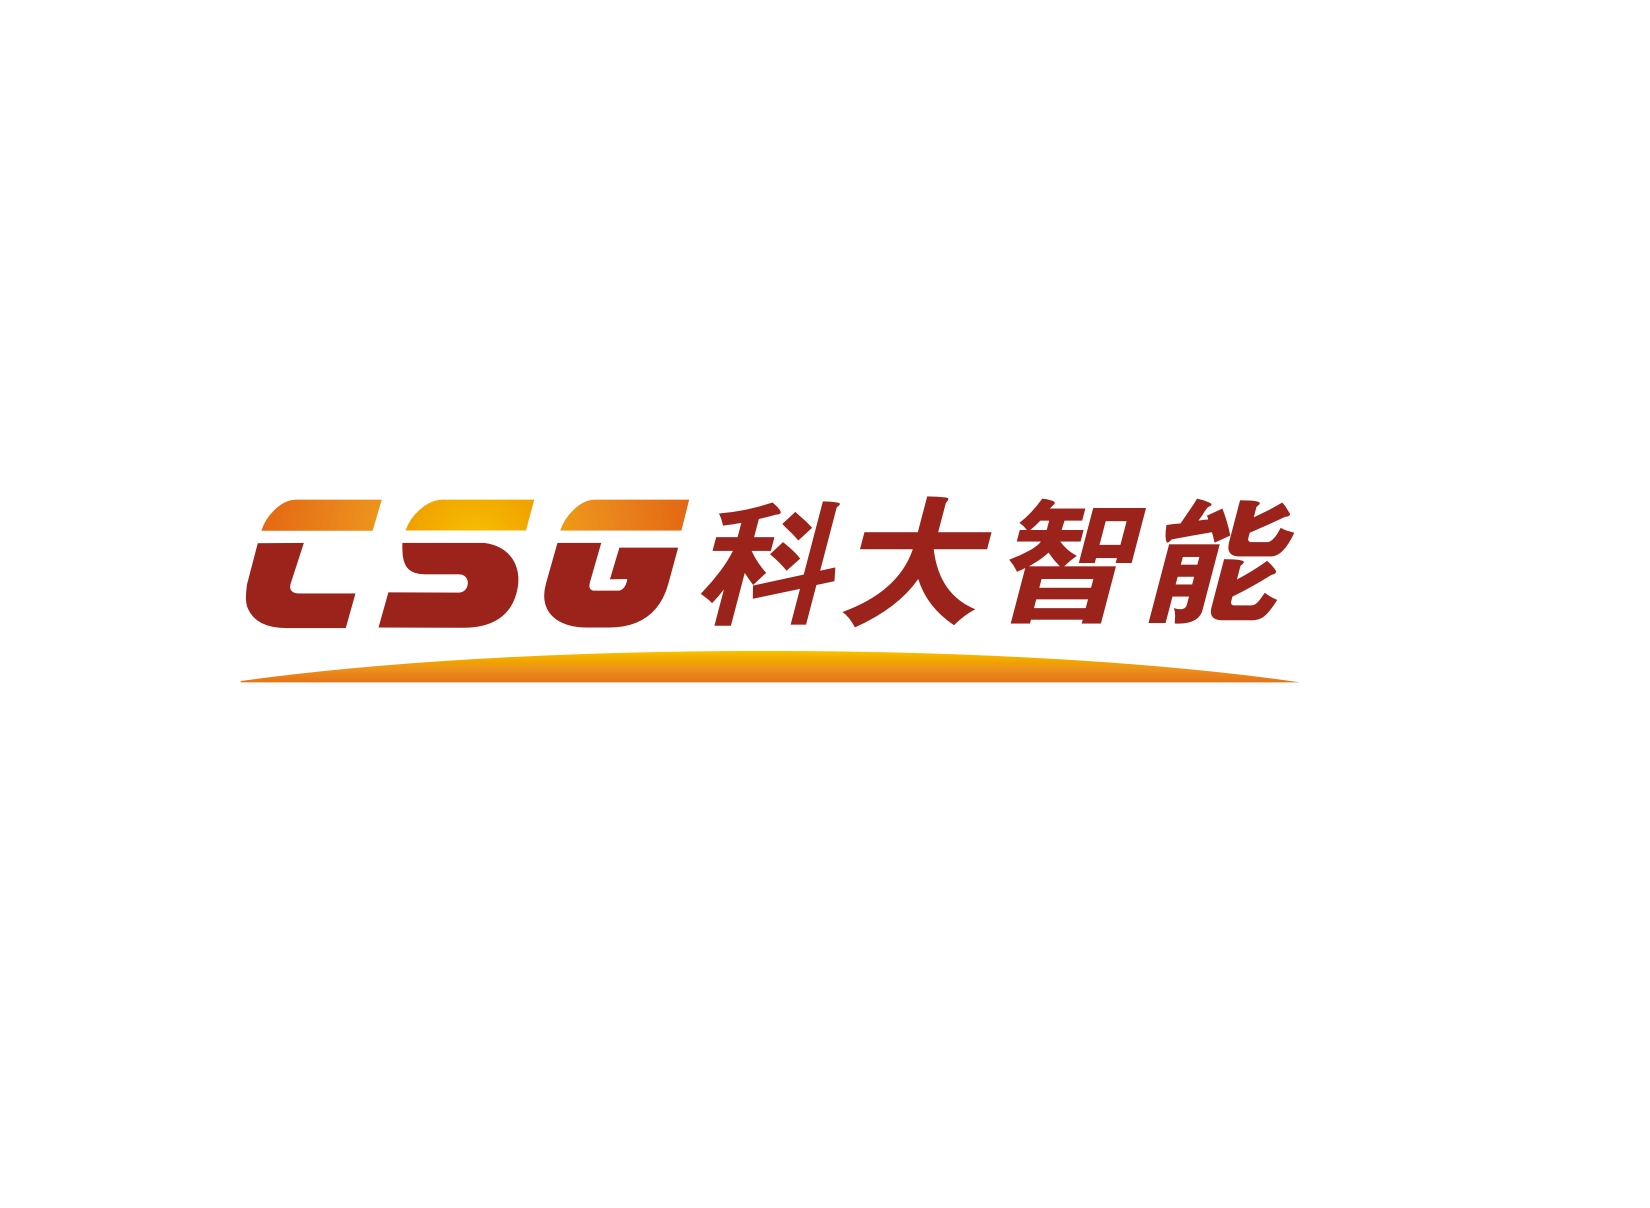 华中科技大学校门矢量图